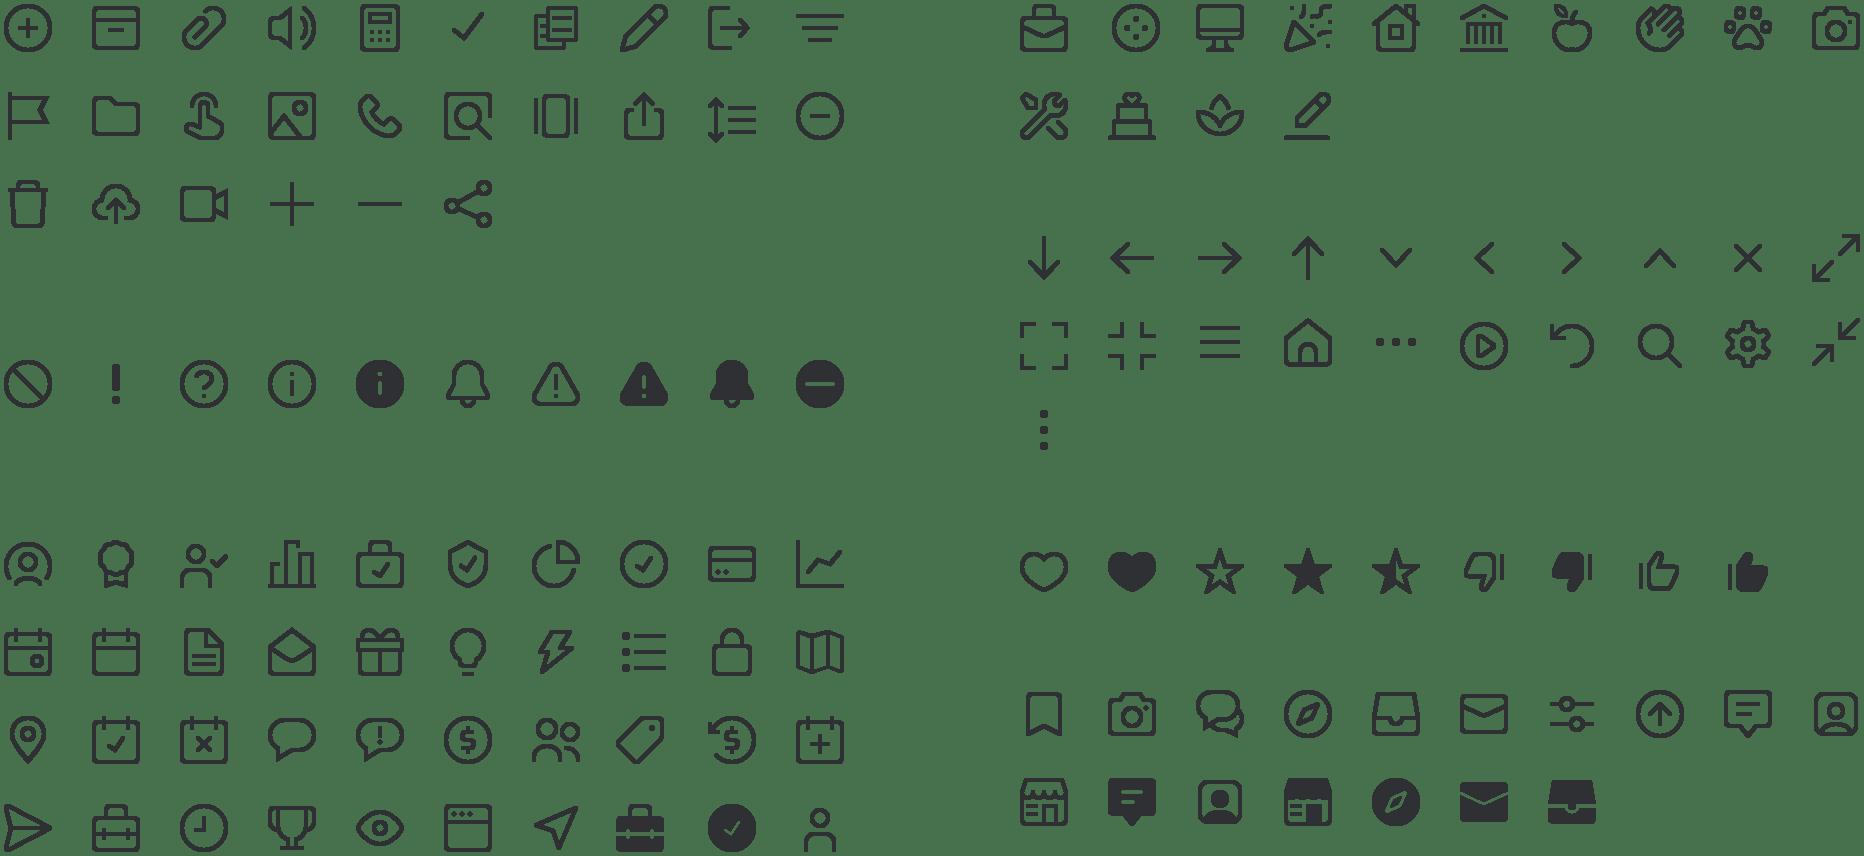 thumbprint-icons